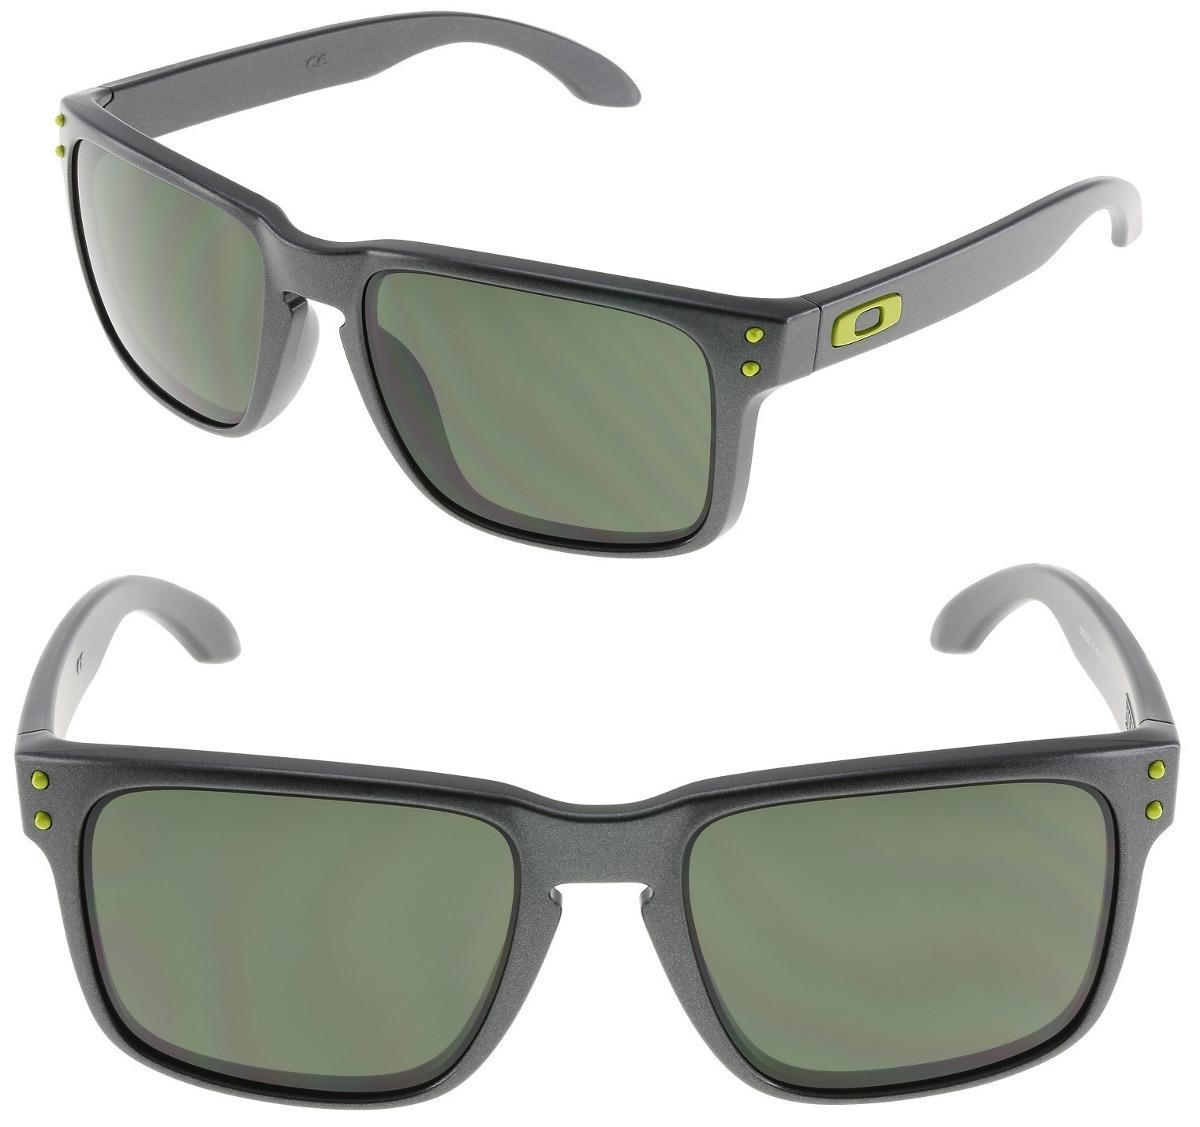 88e5e84160d44 Oculos Oakley Holbrook Original Garantia 1 Ano 910238 - R  440